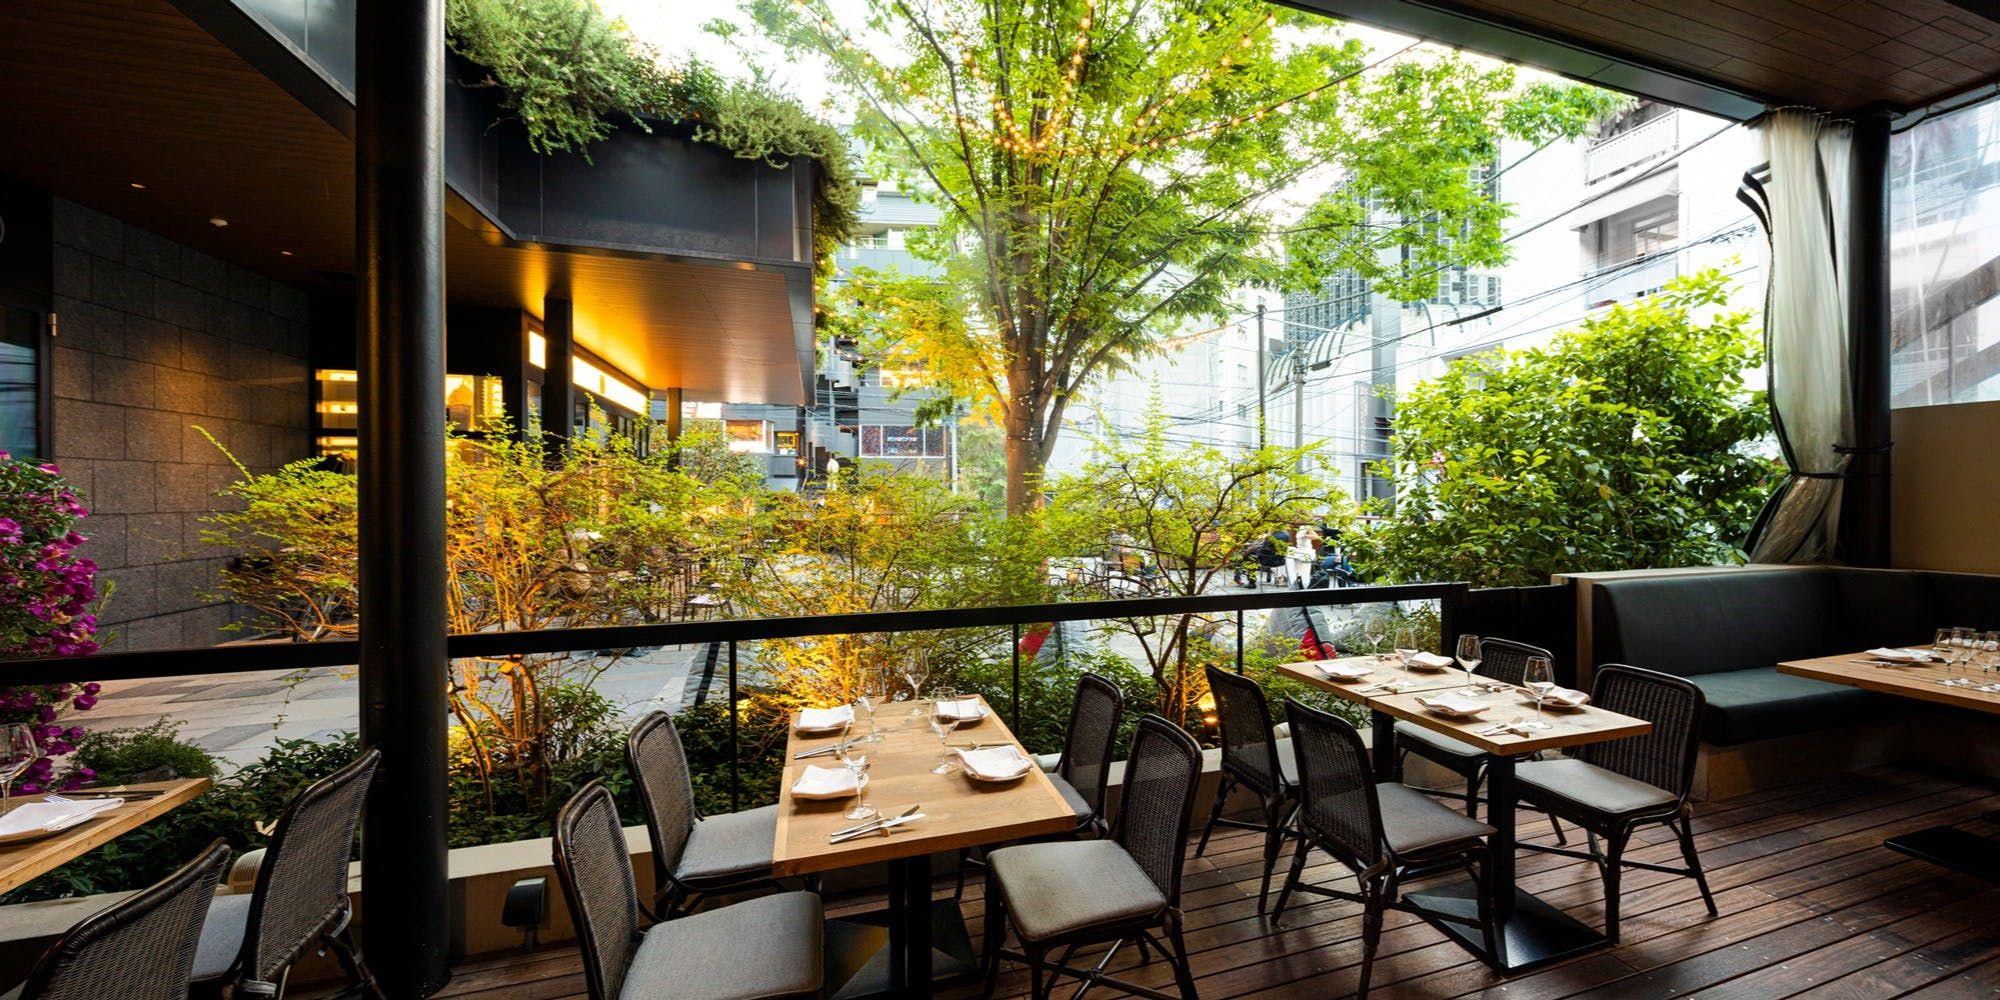 緑に囲まれたテラス席を完備 渋谷の 大人の集い場 都心とは思えない開放的な癒しの空間と 厳選された生産者から取り寄せた新鮮な食材を使った料理で 誰もが気軽に楽しむことができる大人のオールデイダイニングです ボリュームたっぷりで栄養バランスの良いランチ